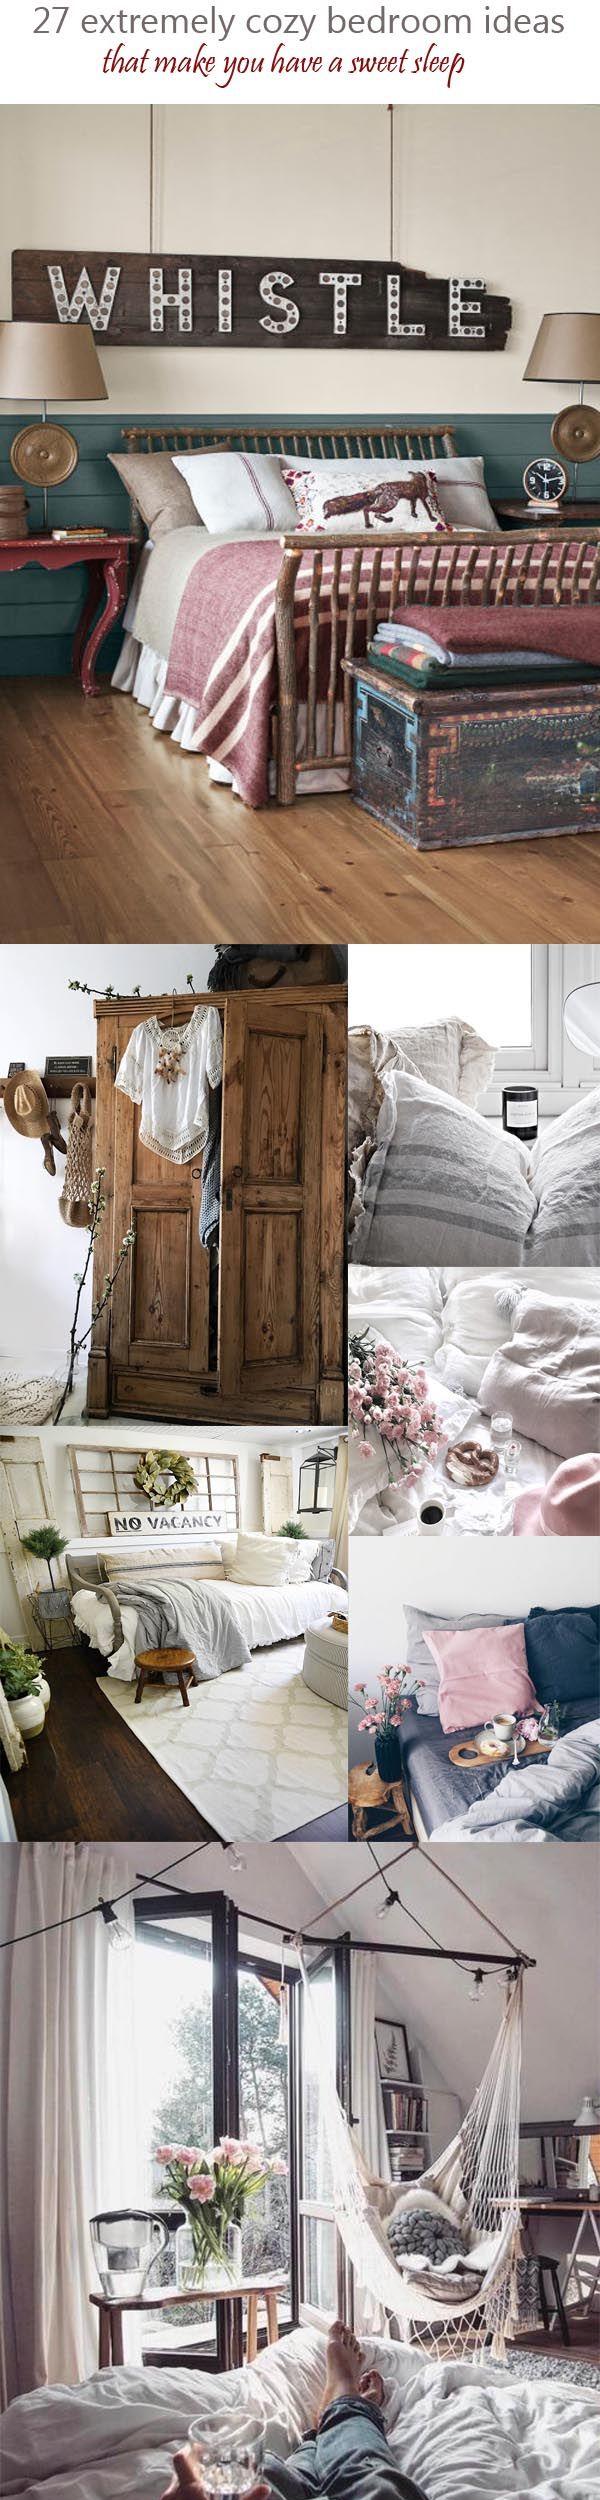 country cozy bedroom ideas